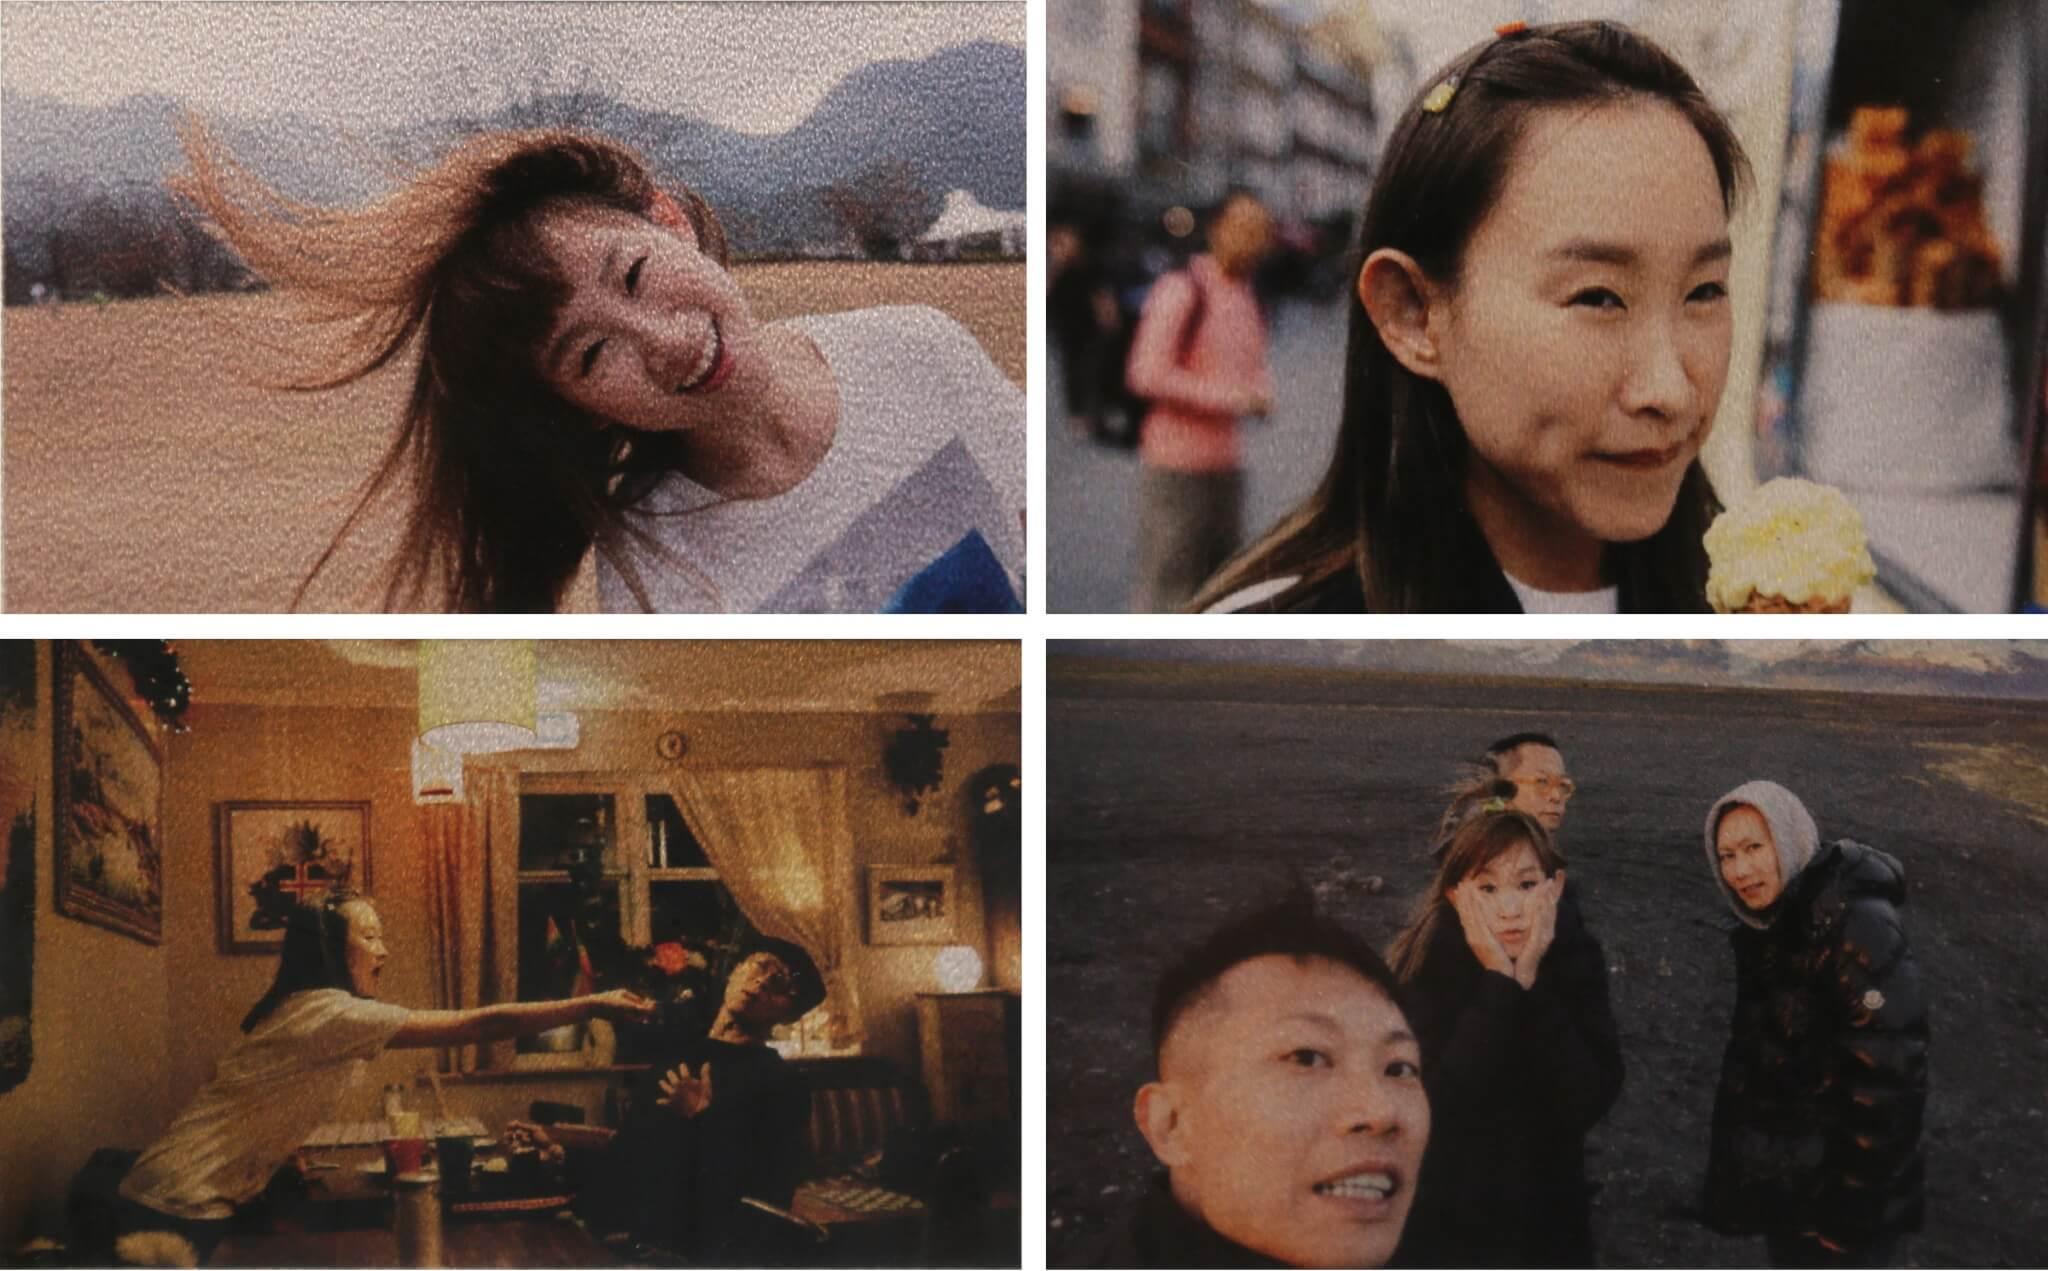 王菀之曾表示兩夫婦去旅行通常都是四人行,同行的好友兼攝影師許先生為她留下不少美好的回憶。